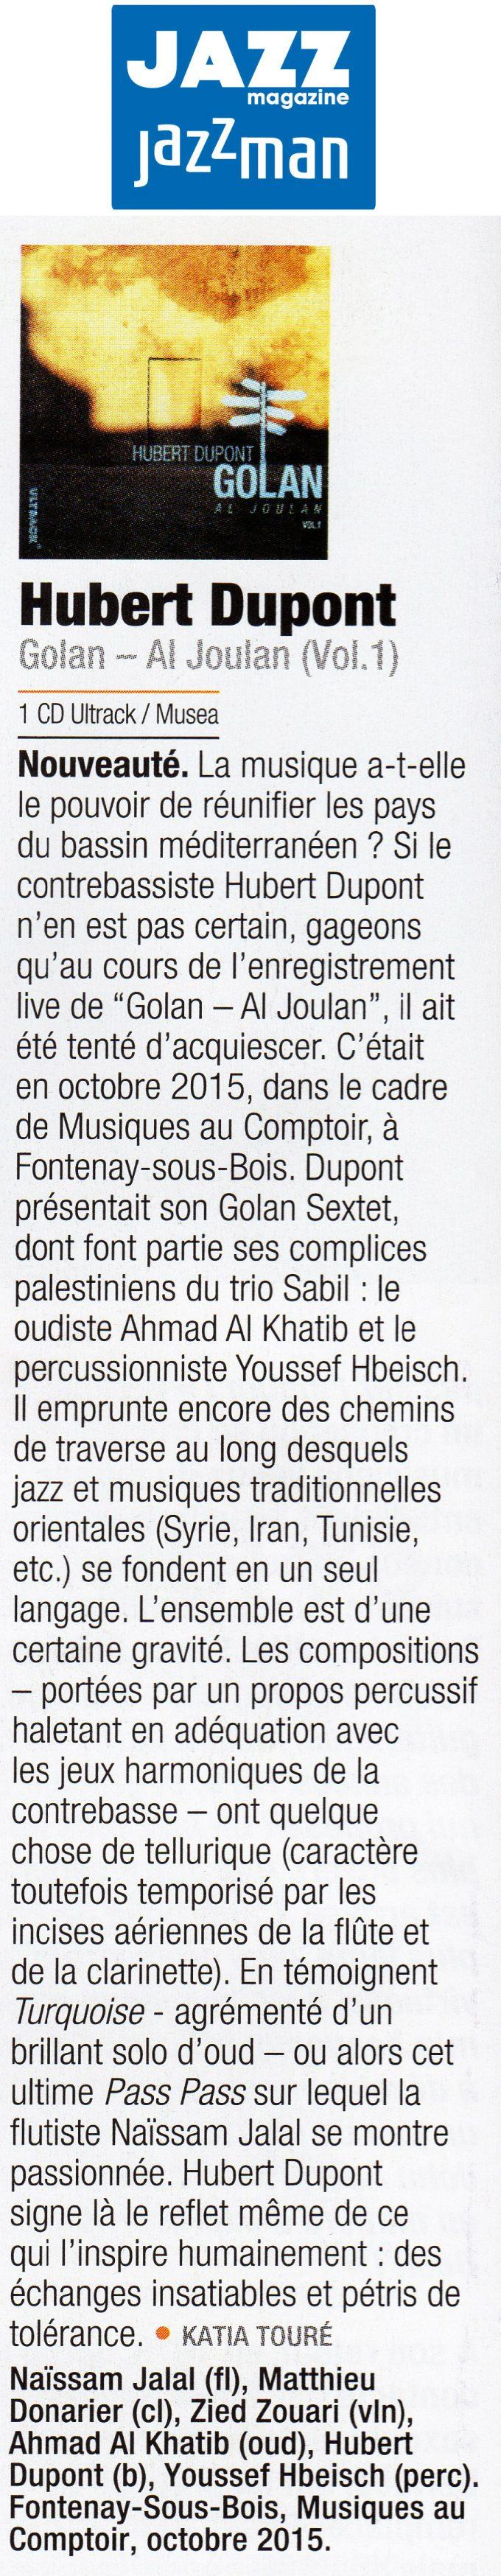 jazz-magazine-katia-toure-octobre-2016